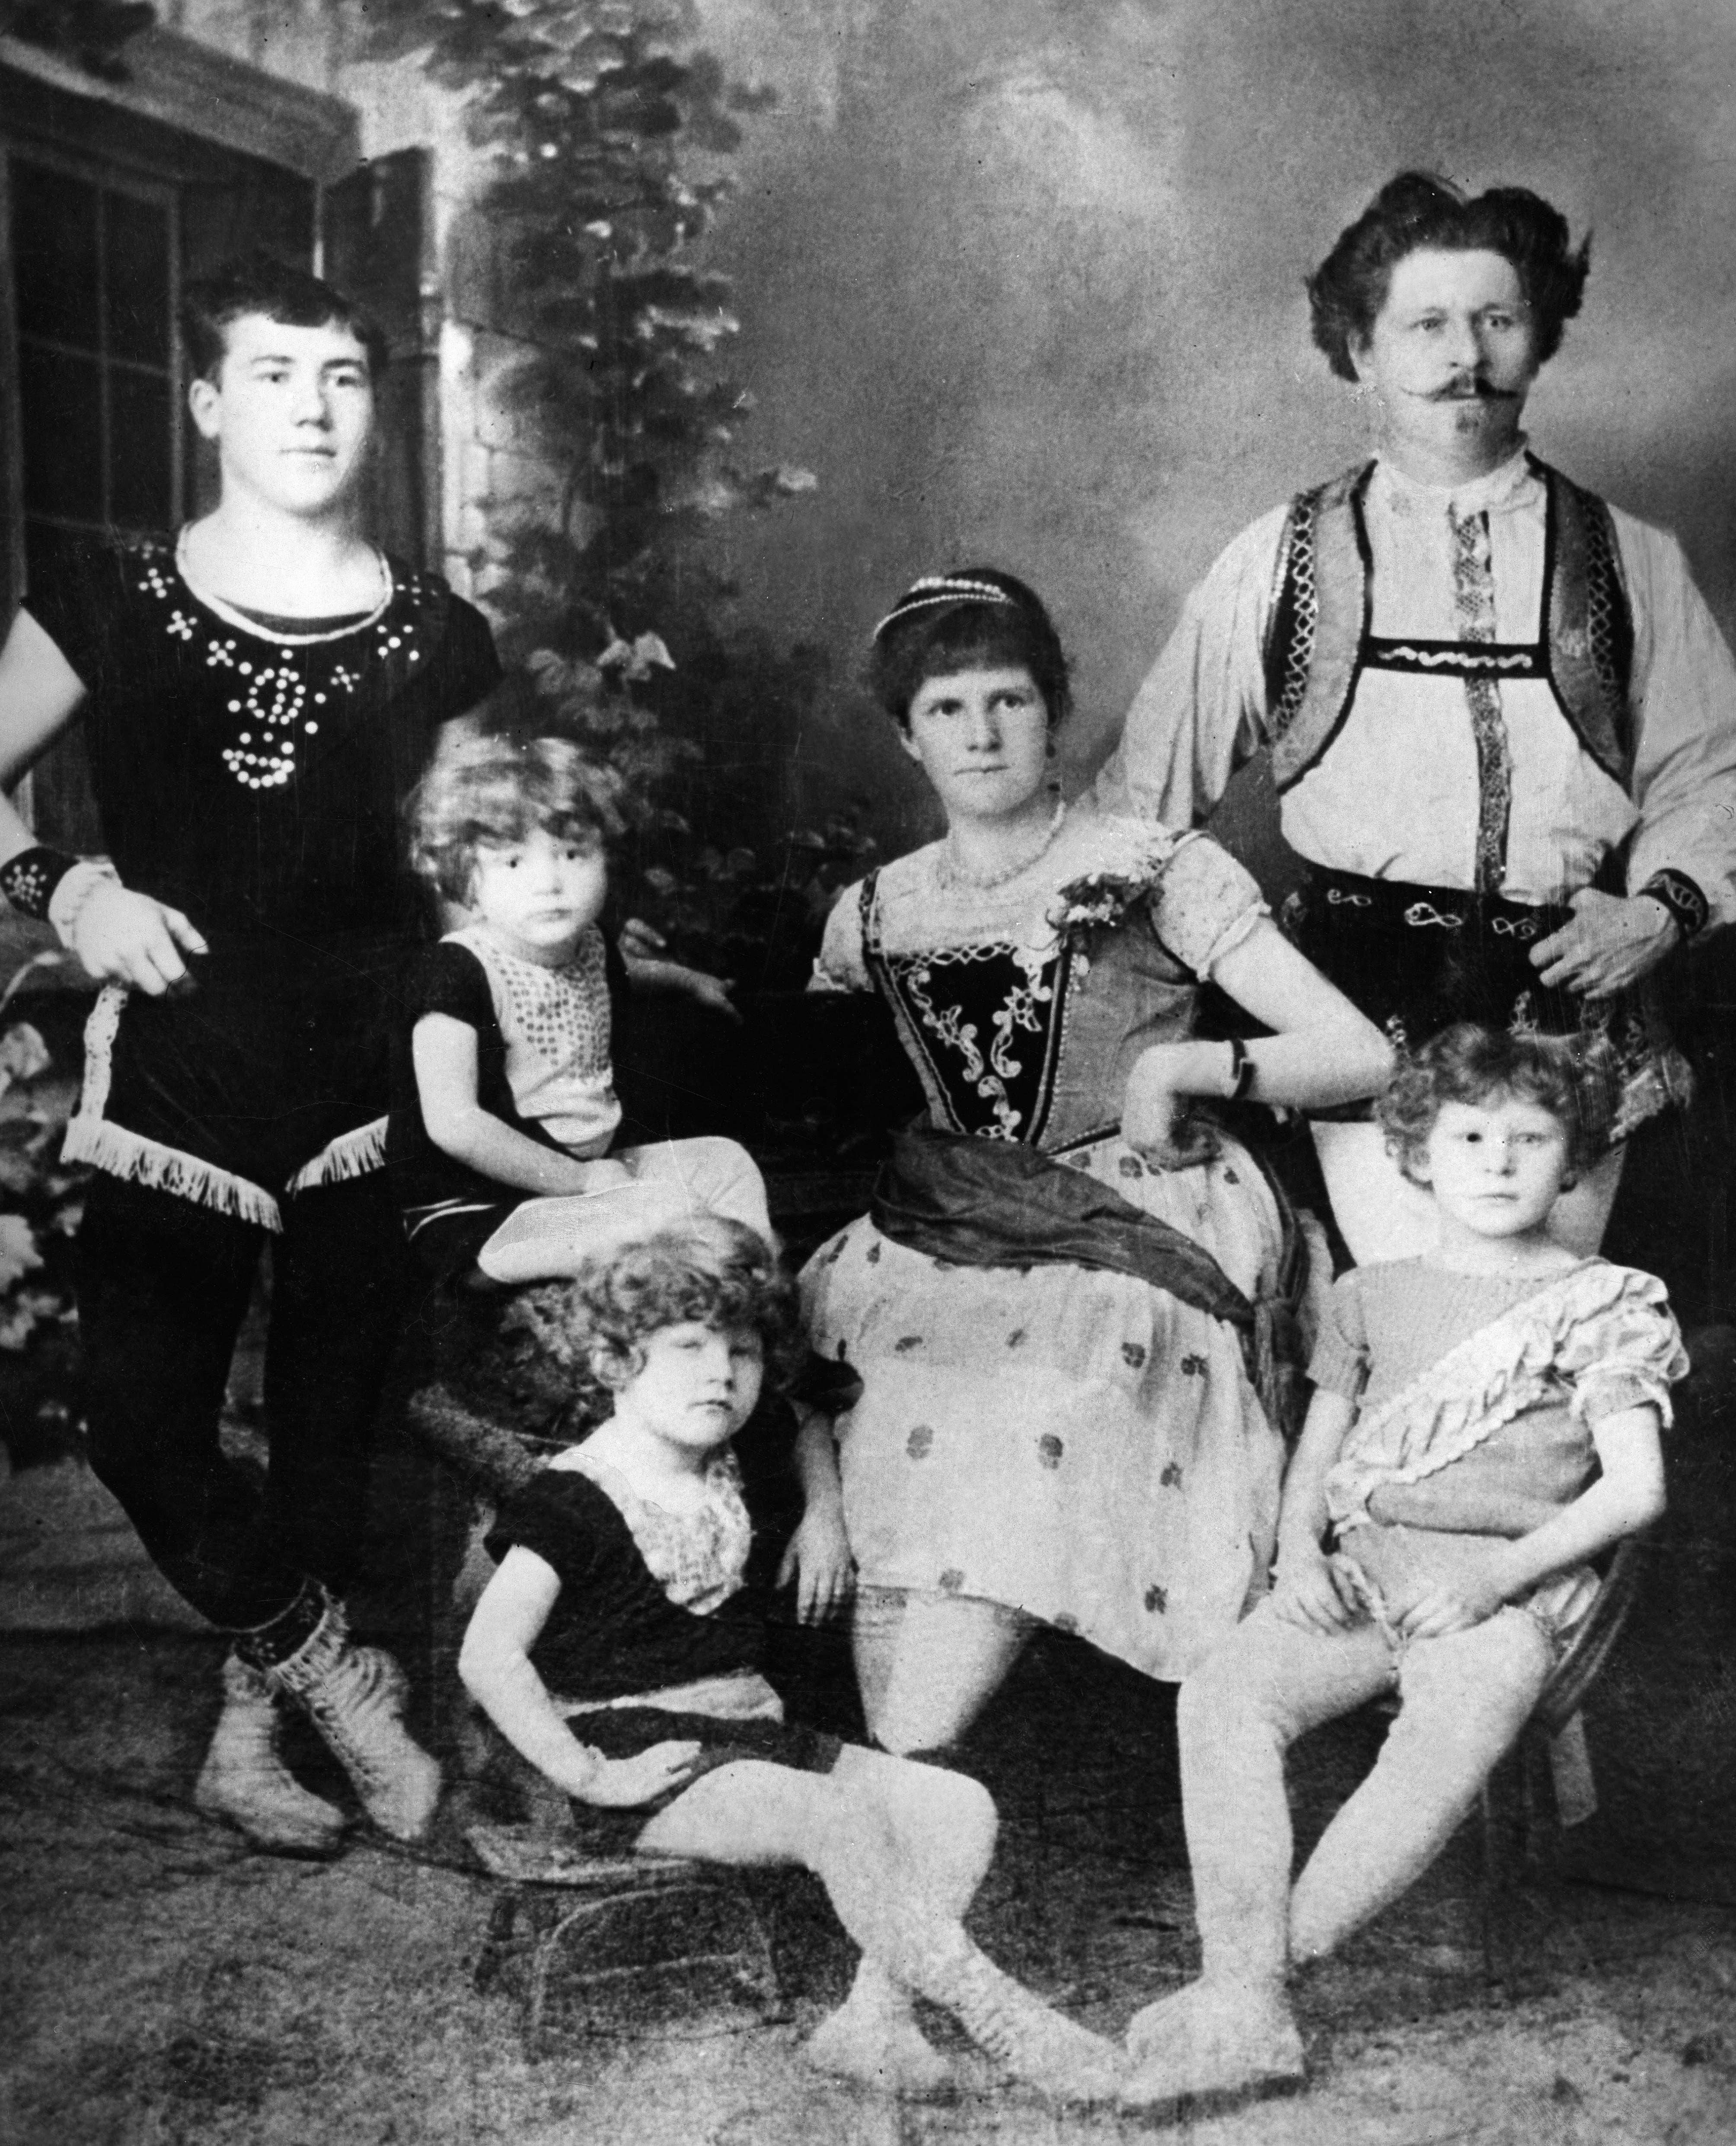 Um 1900: Mitglieder der Familie Knie des Circus Knie in einer historischen Aufnahme. (Bild: ullstein/Getty)